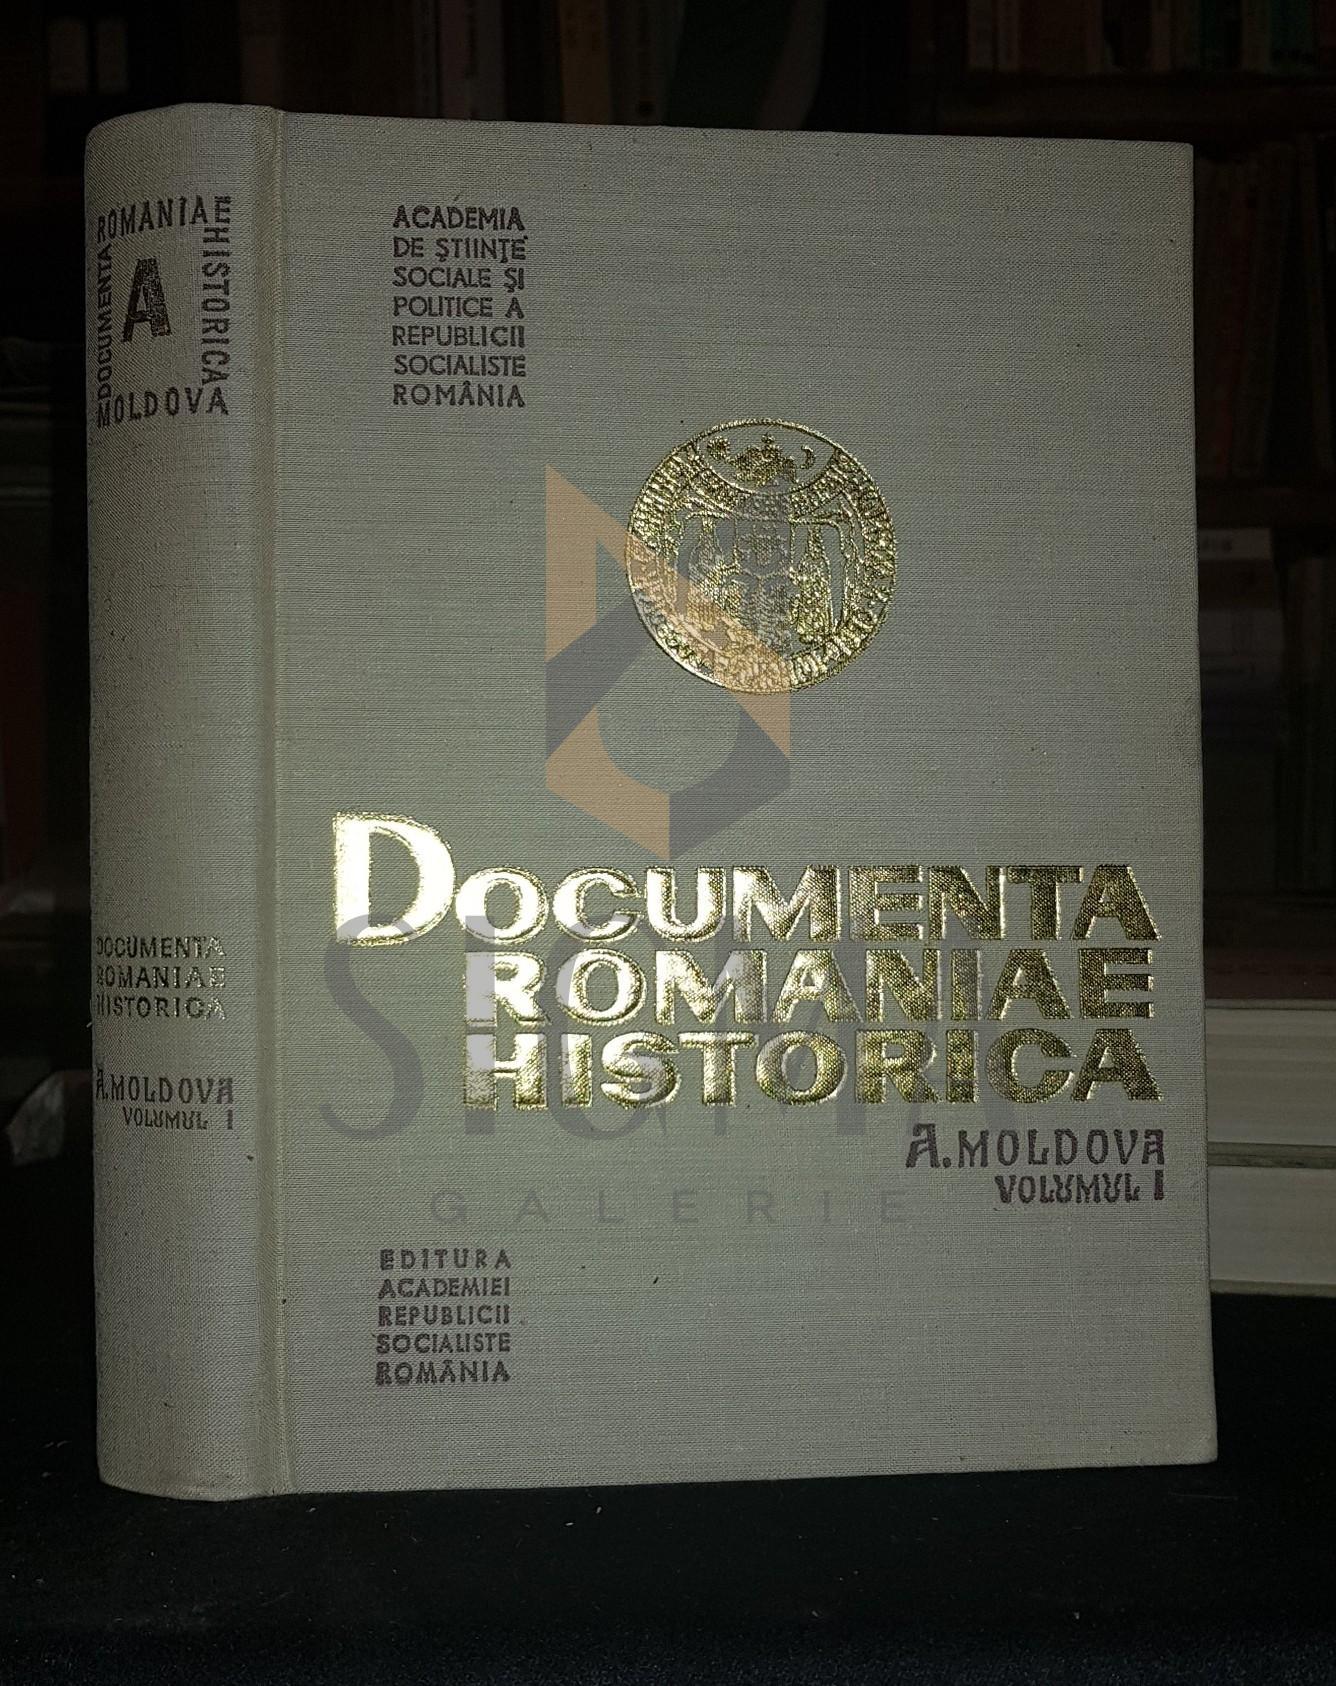 CHIHODARU C., I. CAPROSU, STEFAN PASCU, FRANCISC PALL, DAMASCHIN MIOC si L. SIMANSCHI (Comitetul de Redactie)